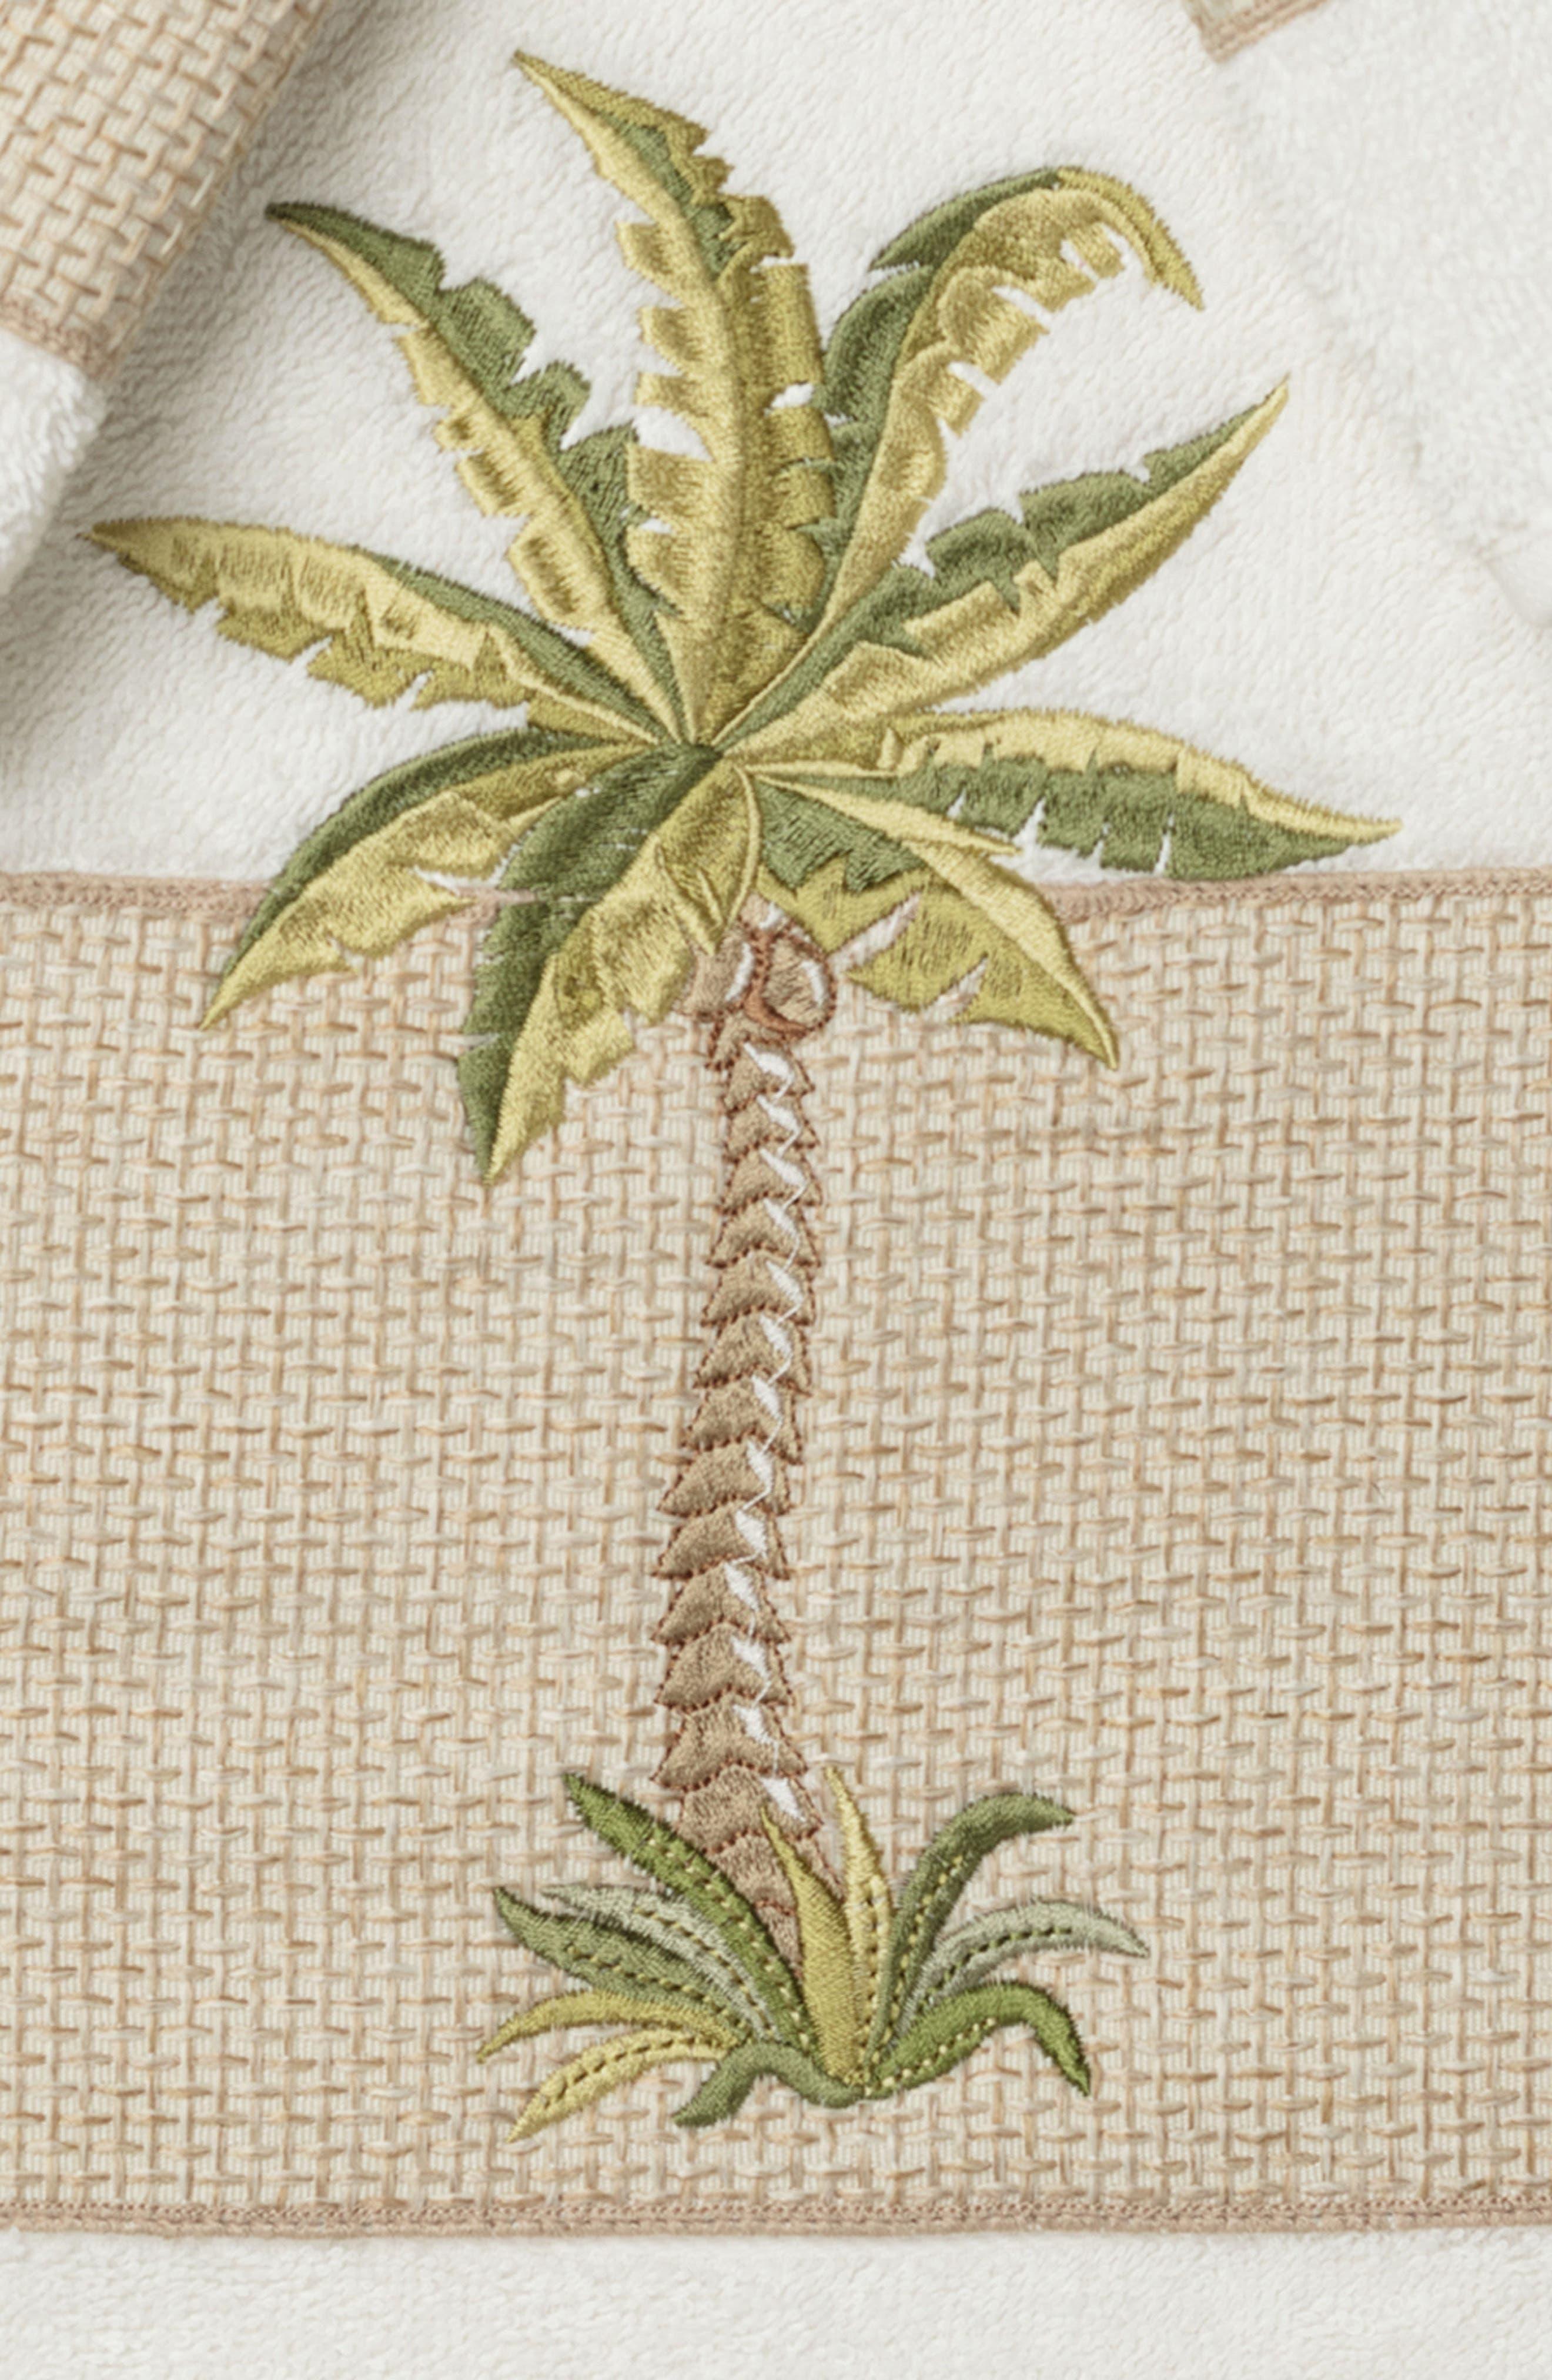 Colton 3-Piece Turkish Cotton Towel Set,                             Alternate thumbnail 2, color,                             Cream